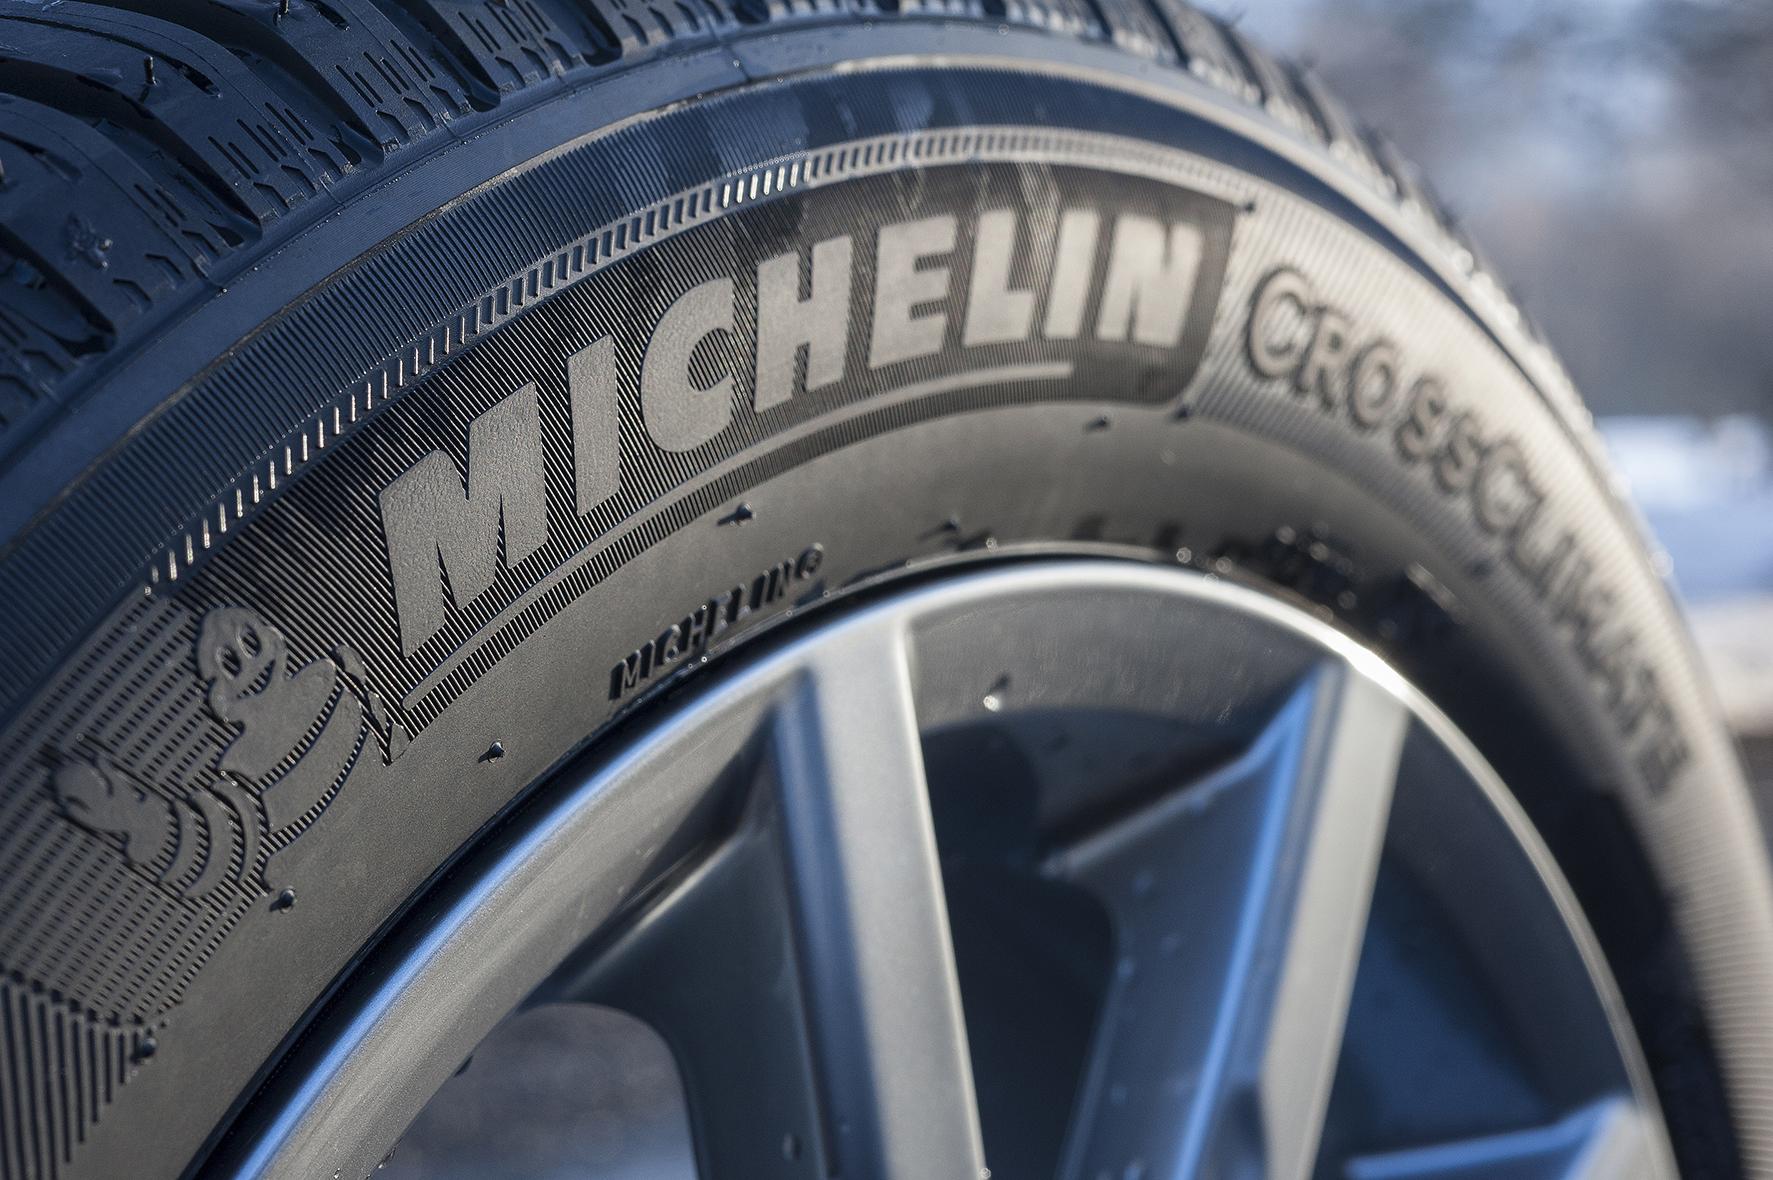 Michelin: CrossClimate e le altre novità ad Autopromotec